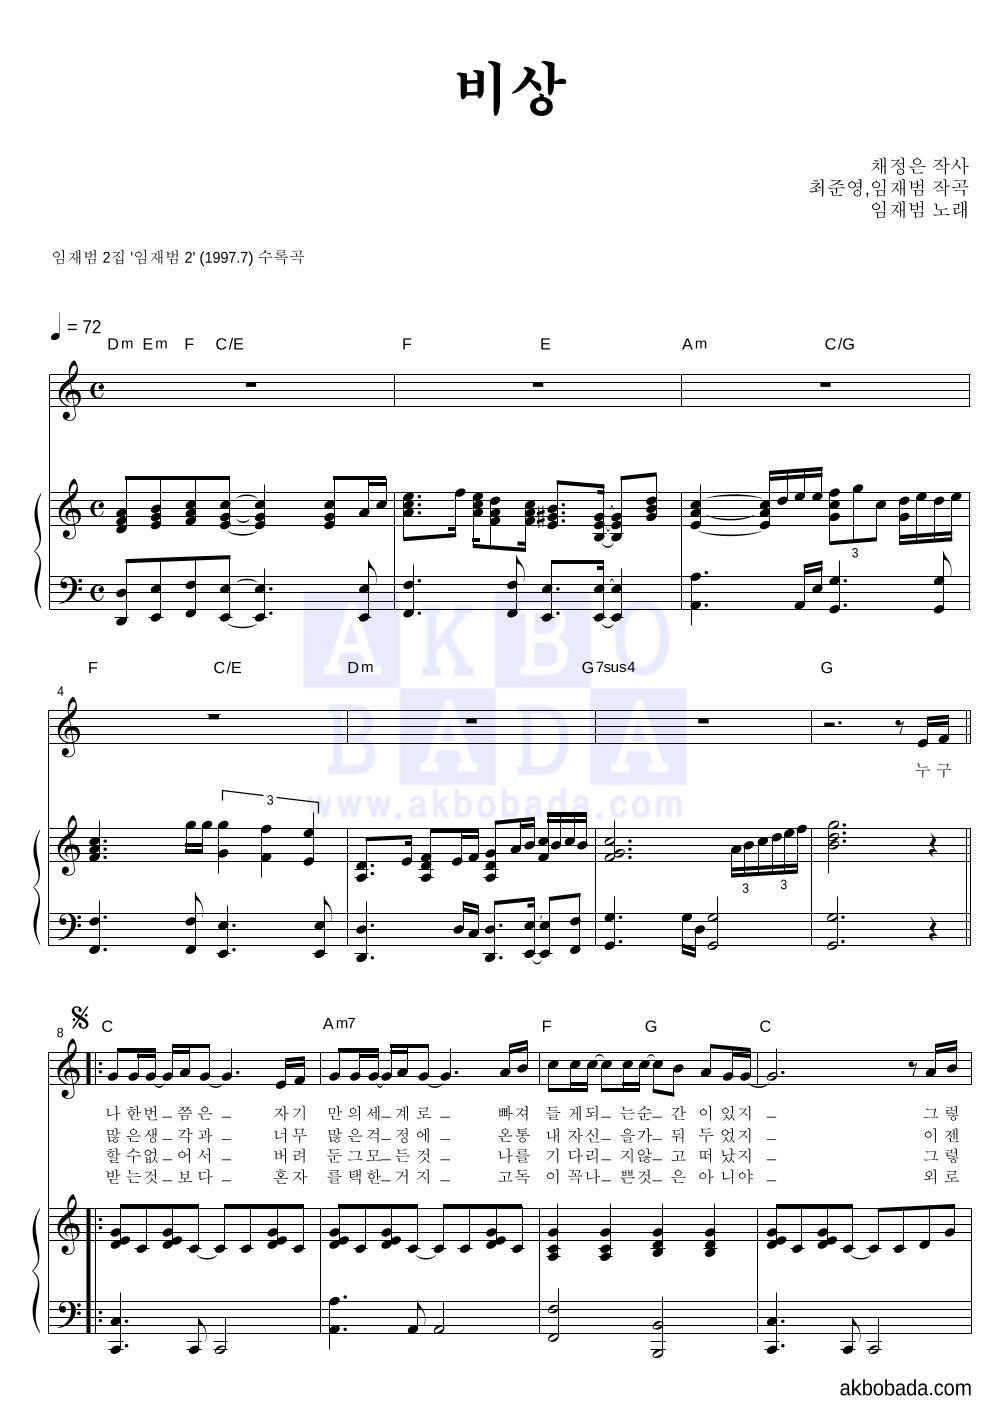 임재범 - 비상 피아노 3단 악보